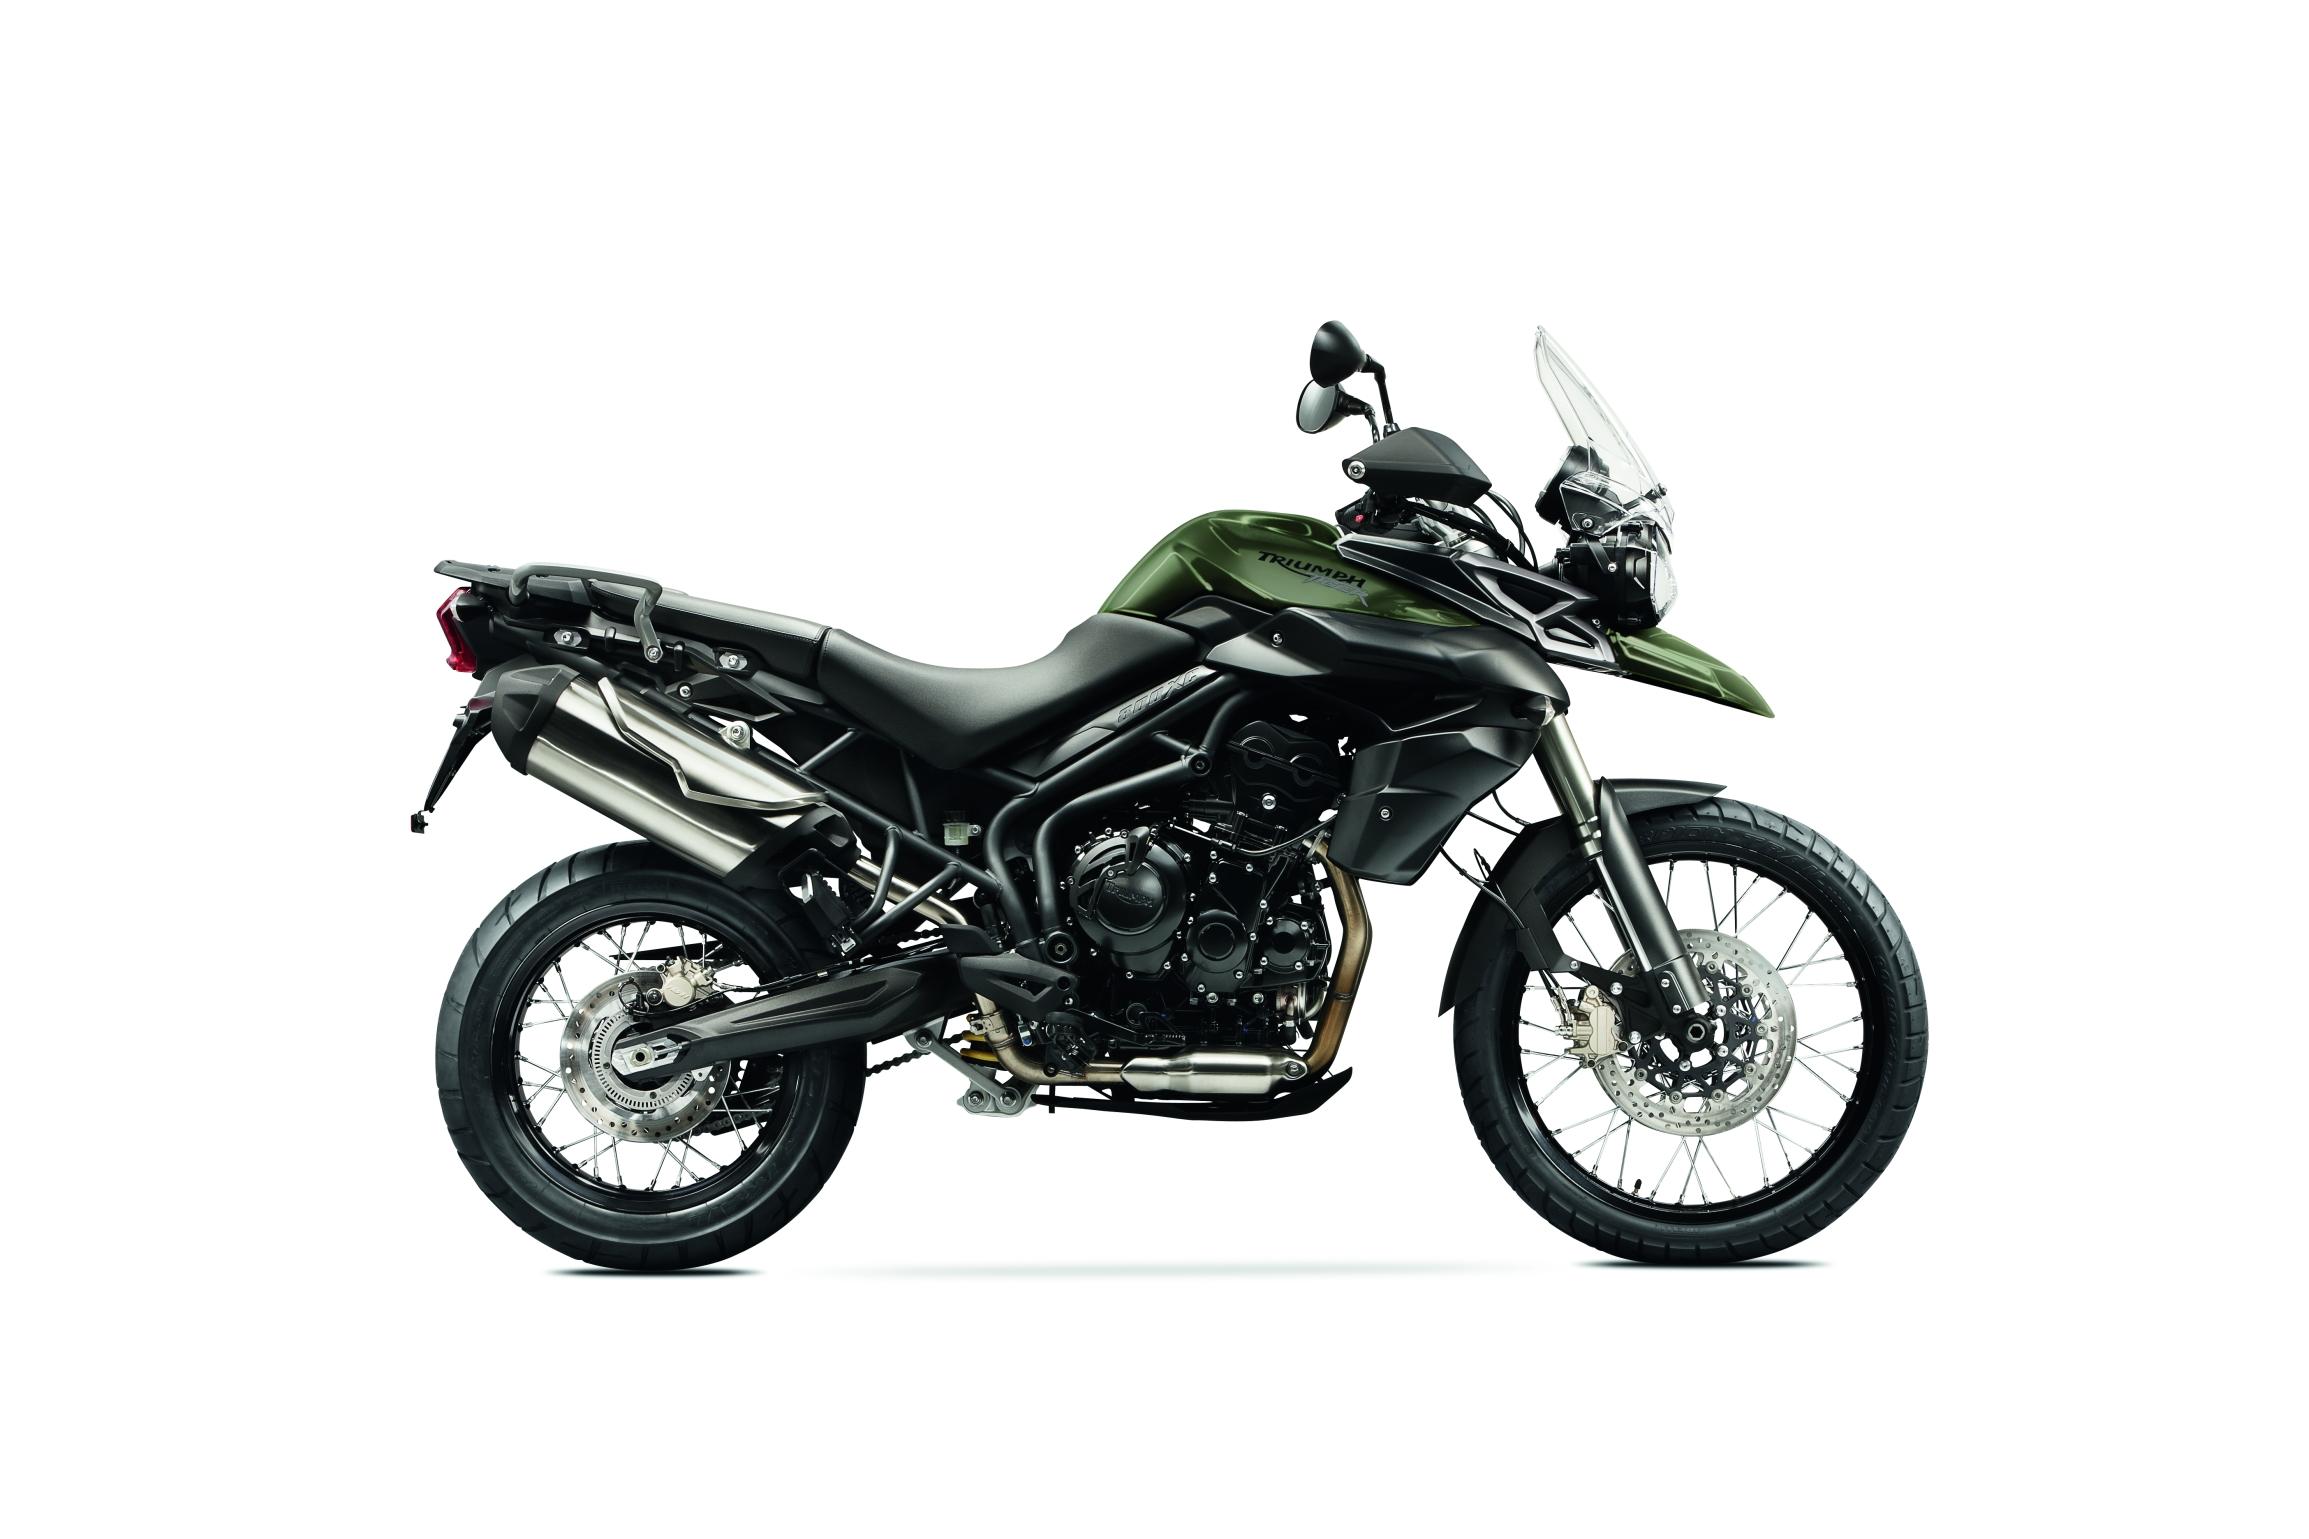 triumph tiger 800 xc technische daten aktuelle motorrad berichte bilder videos und. Black Bedroom Furniture Sets. Home Design Ideas